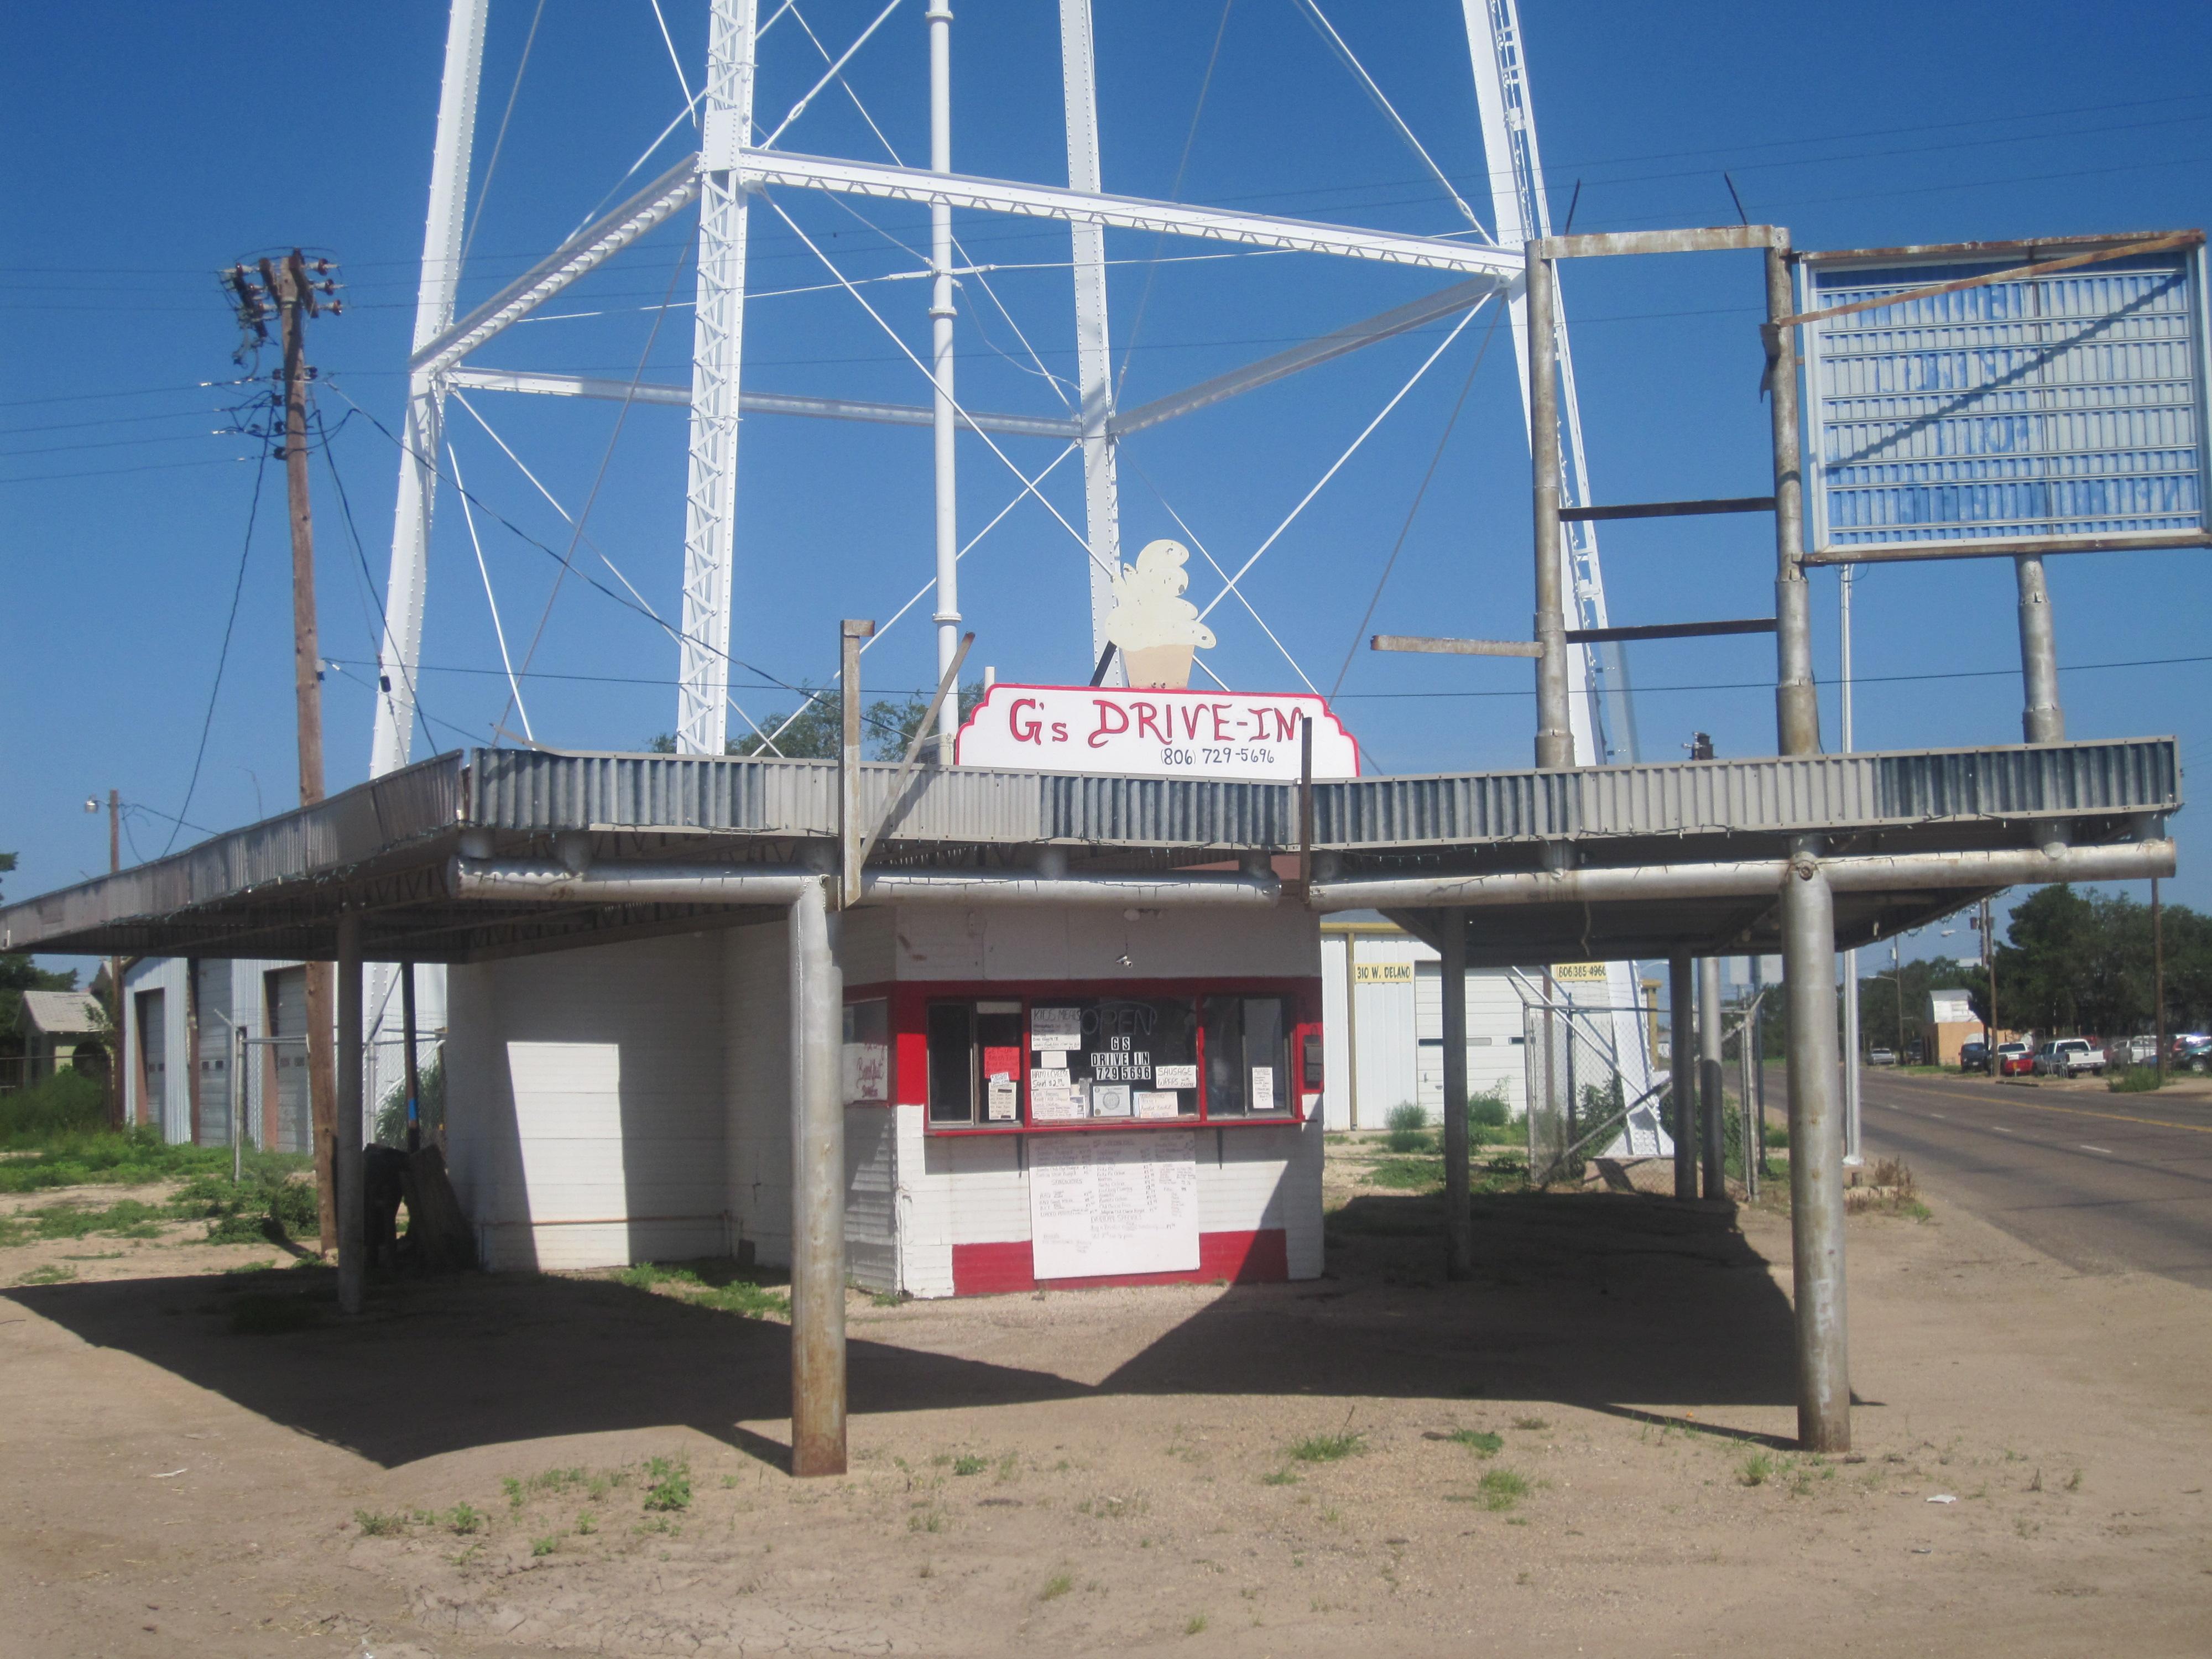 littlefield 2 2 utah teens killed in fatal rollover near littlefield, ariz by jennifer weaver two  utah teenagers were killed in a fatal rollover on interstate 15 in northern arizona .